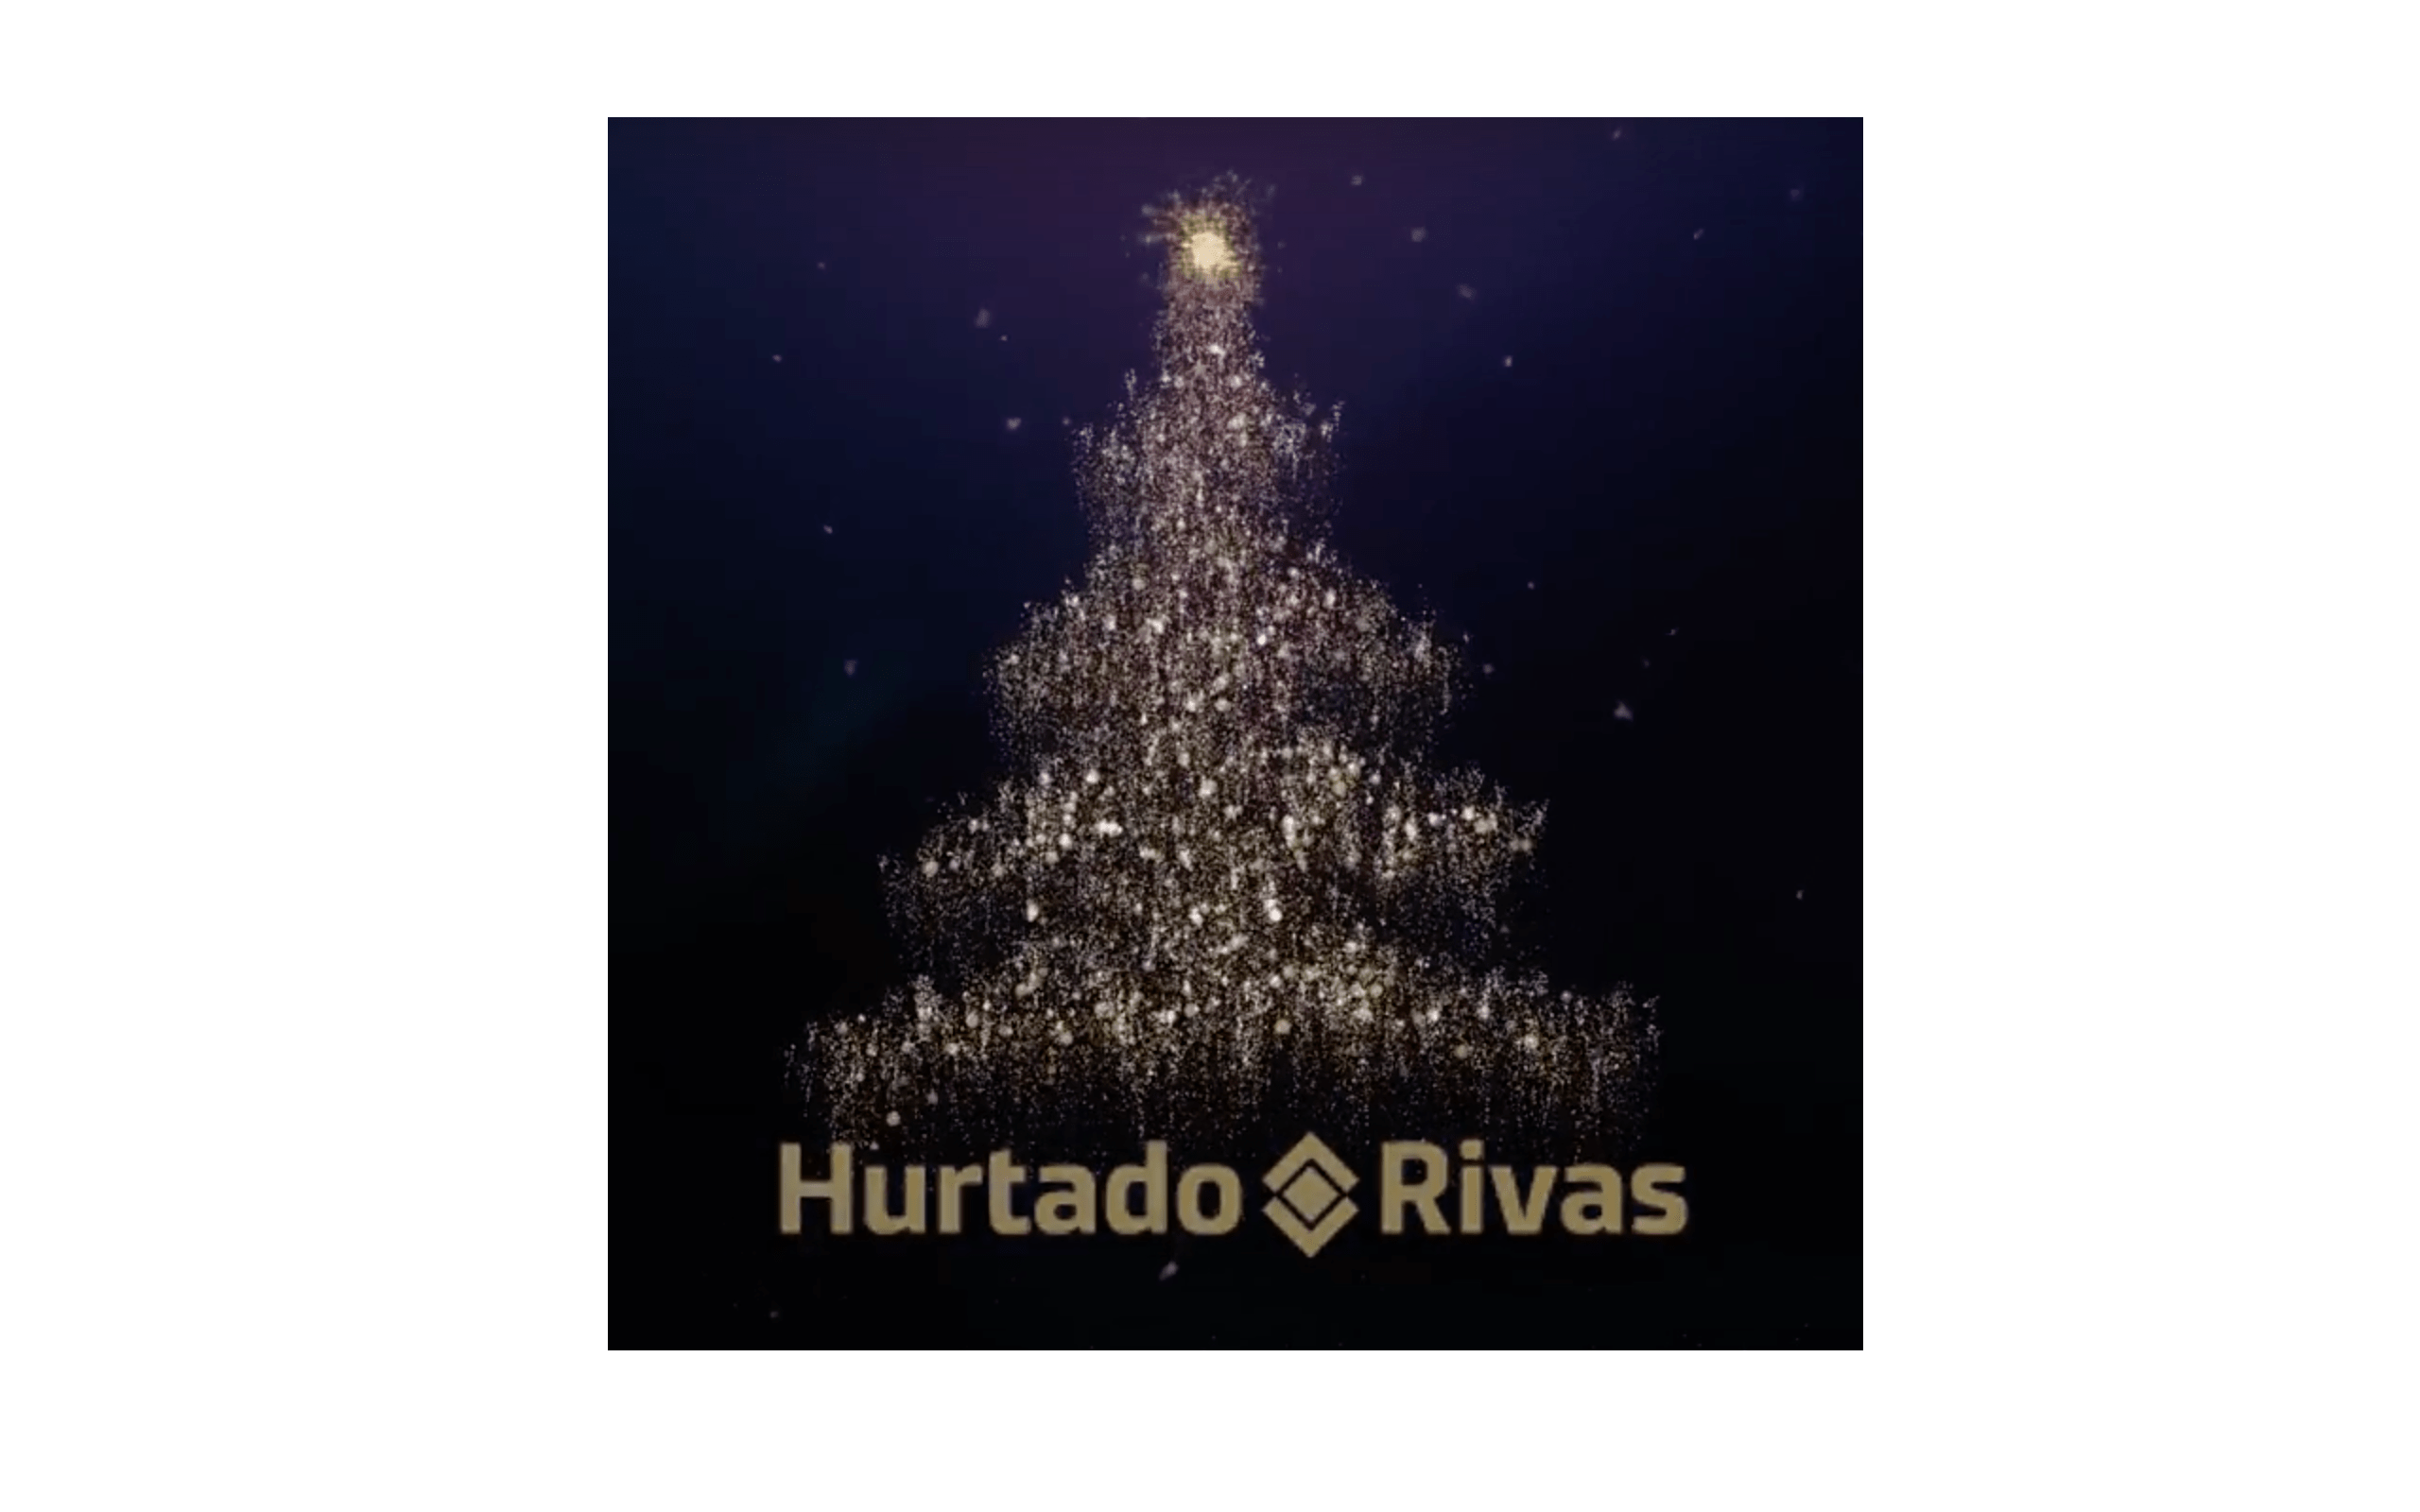 Hurtado Rivas y sus áreas de negocio os desean Felices Fiestas